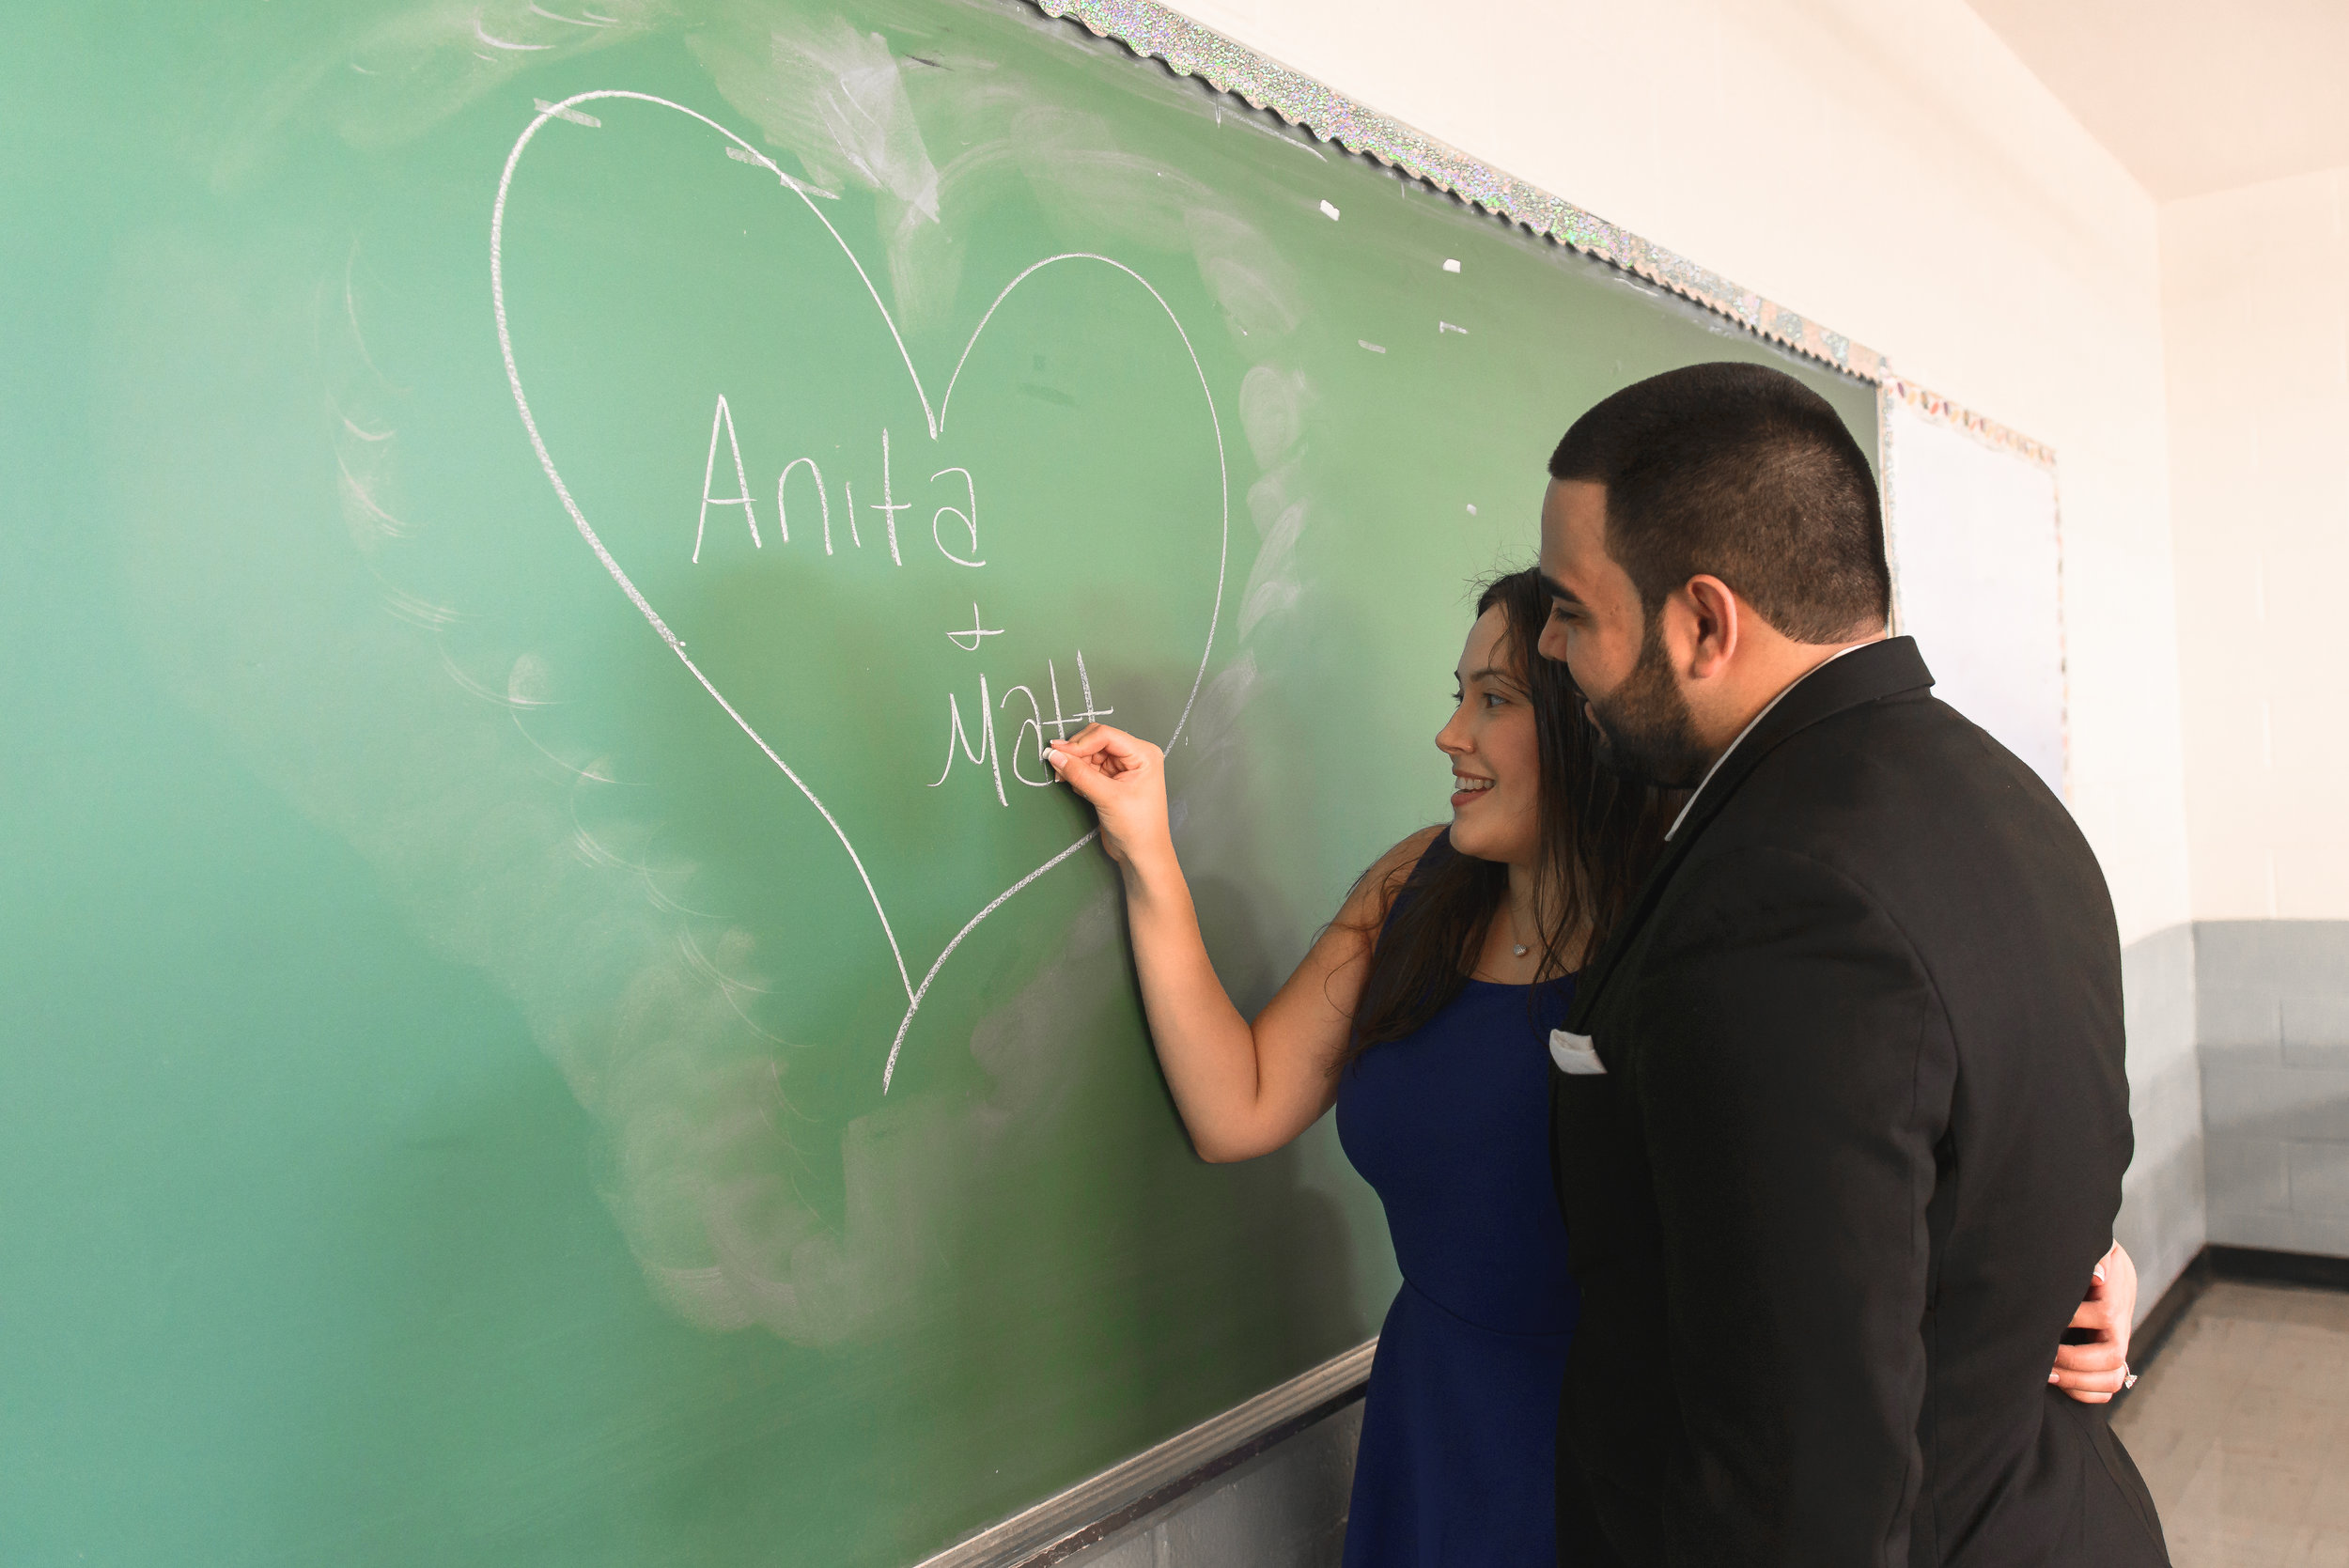 Anita&Matt-17.jpg